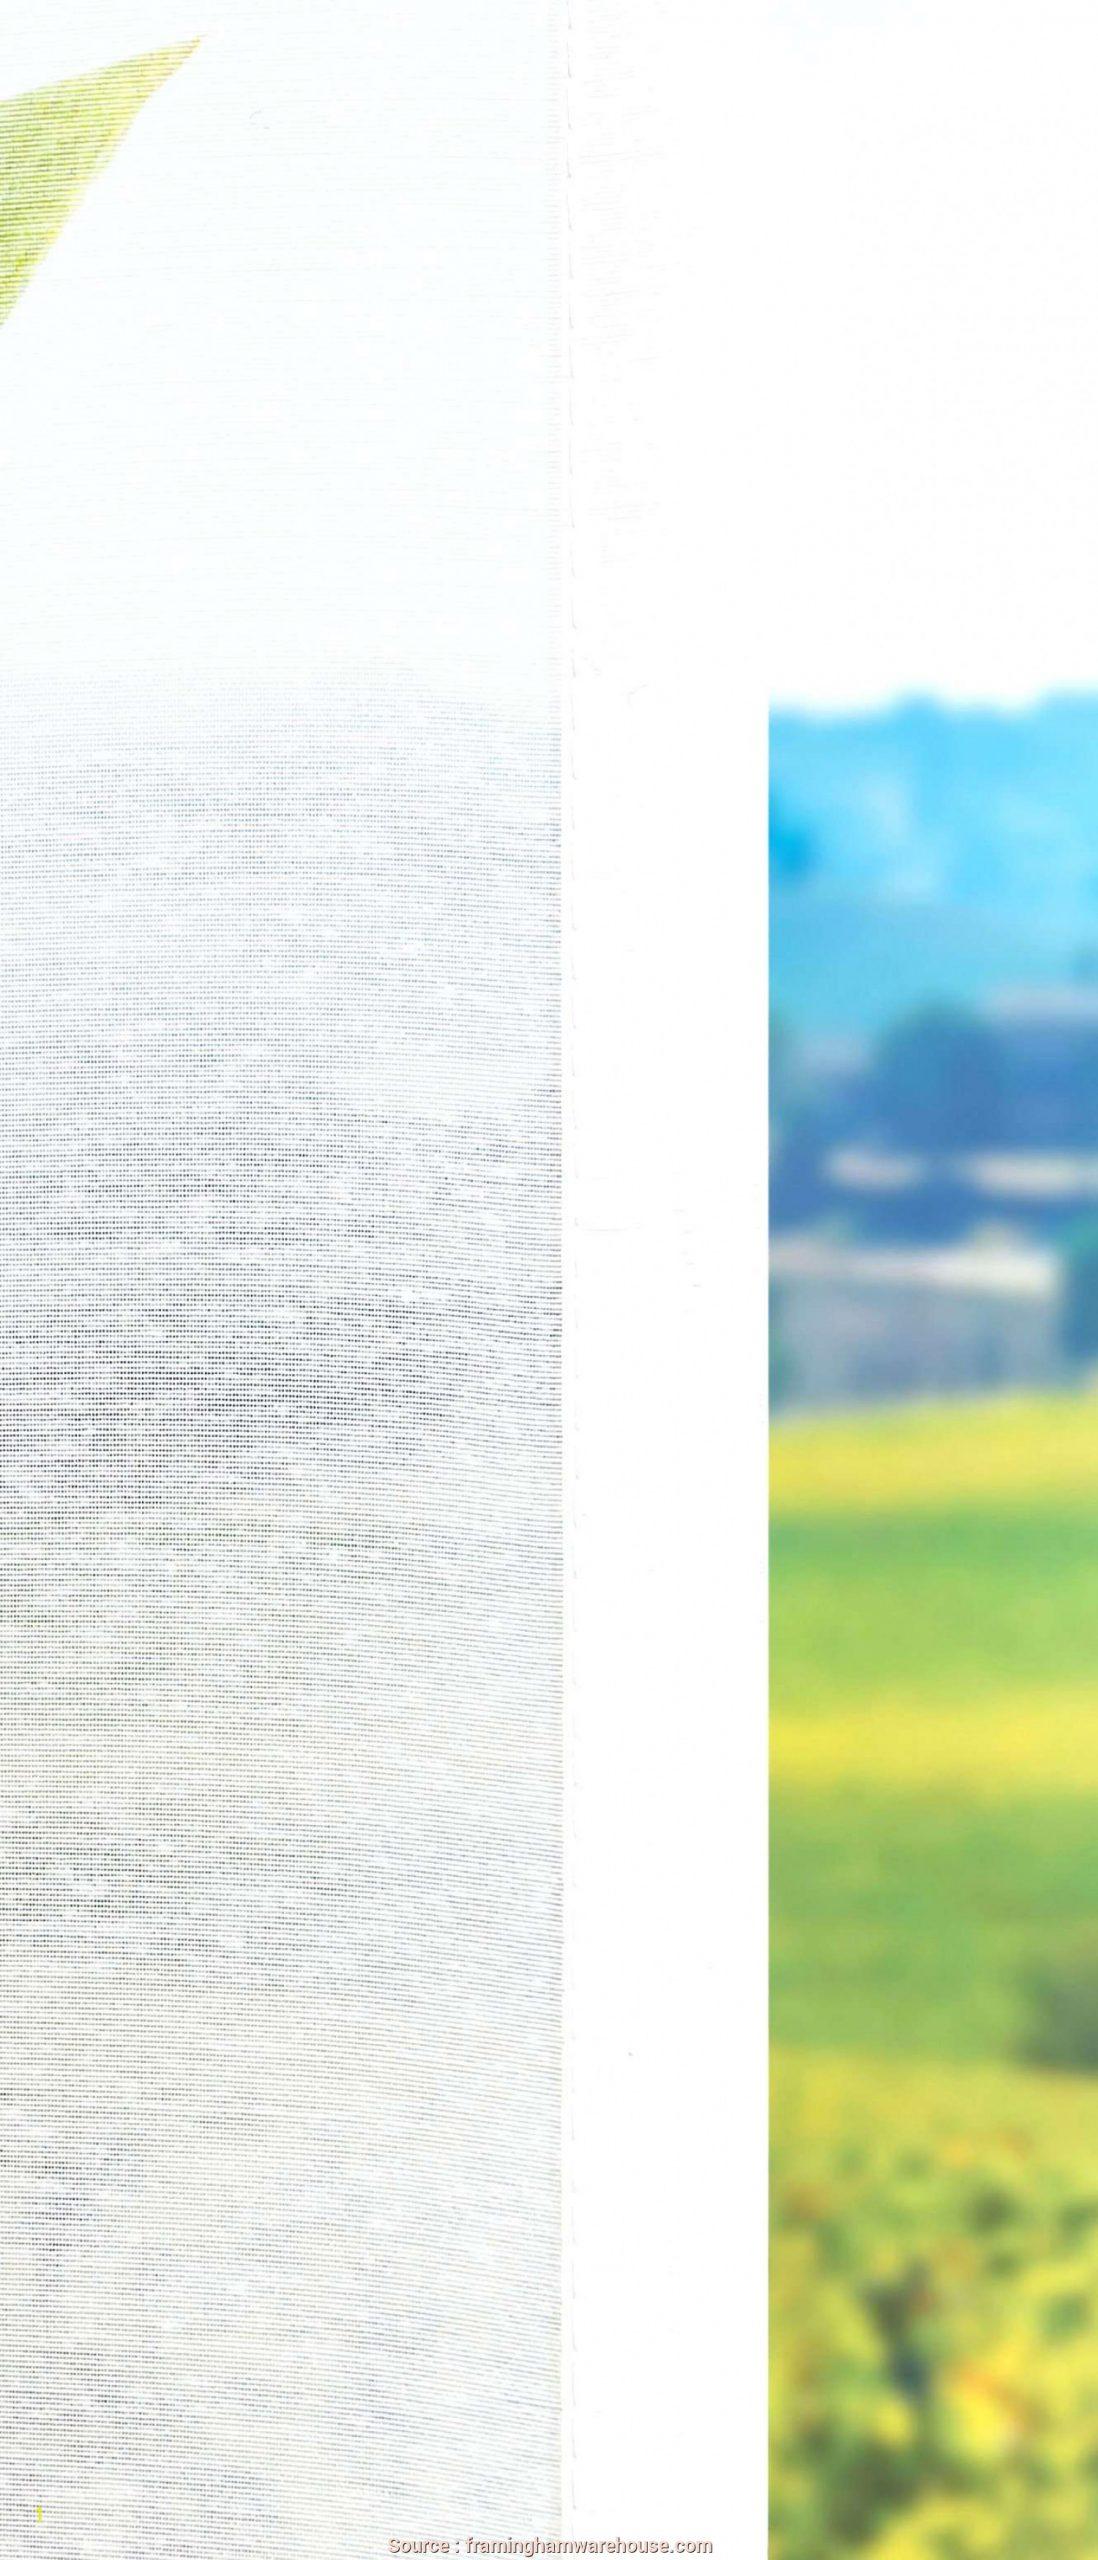 Full Size of Ikea Stoffe Sonnenschutz Sichtschutzfolien Für Fenster Betten 160x200 Küche Kaufen Kosten Sofa Mit Schlaffunktion Sichtschutz Sichtschutzfolie Garten Holz Wohnzimmer Sichtschutz Balkon Ikea